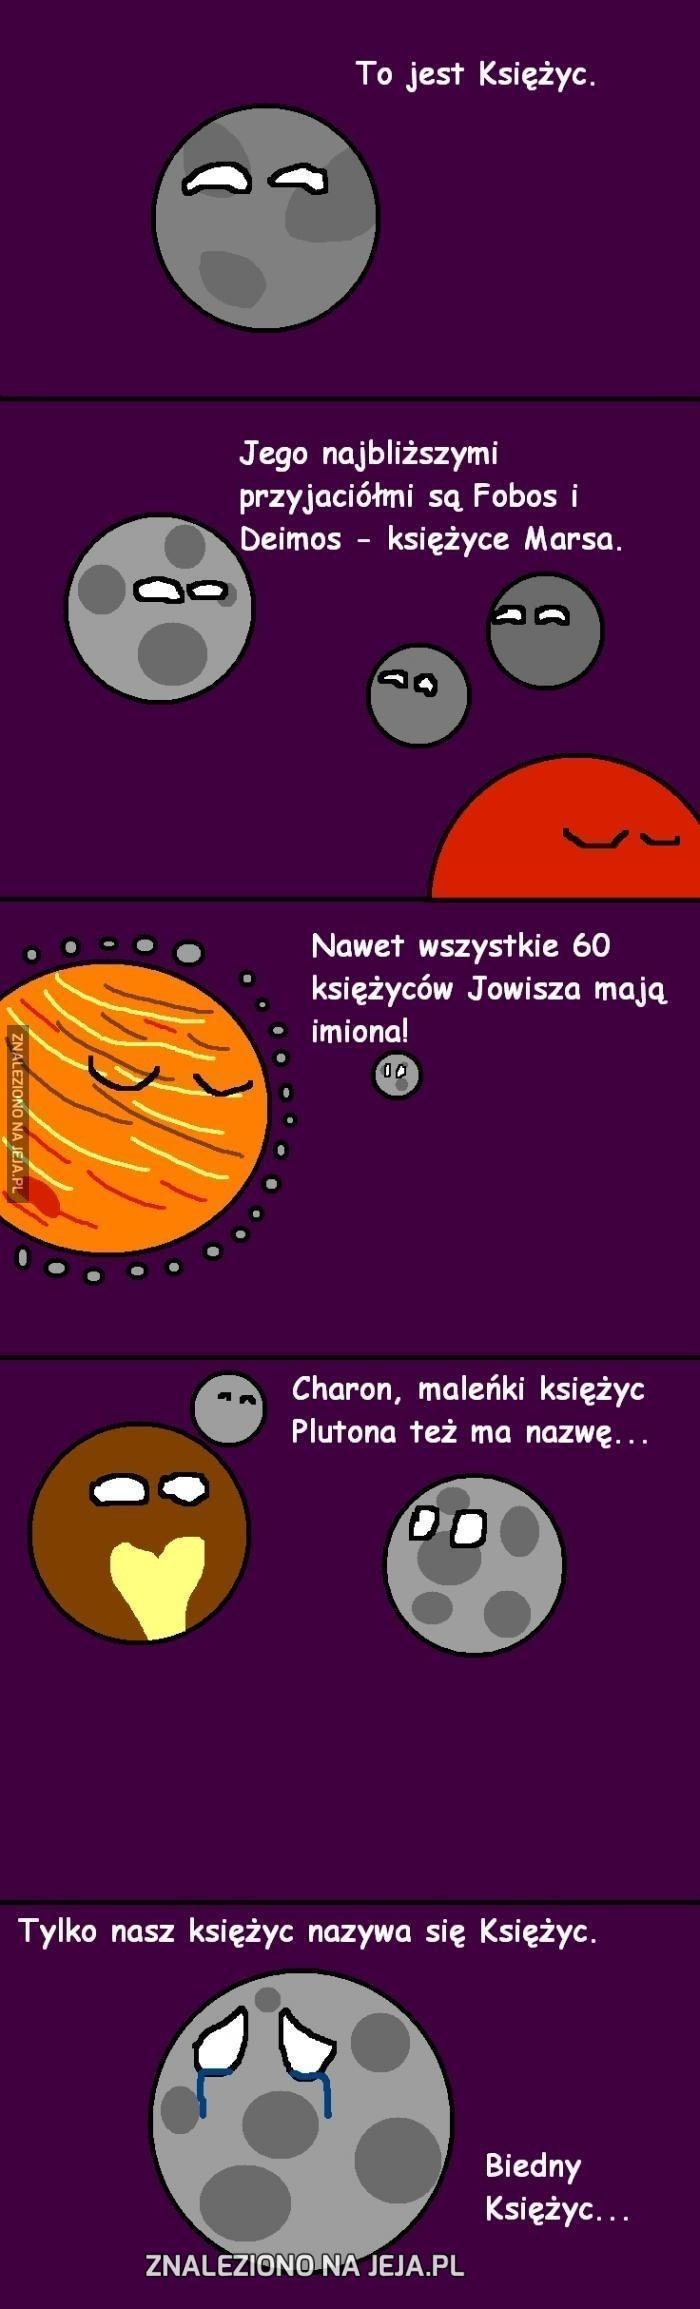 Nasz księżyc nie ma nazwy i to jest smutne